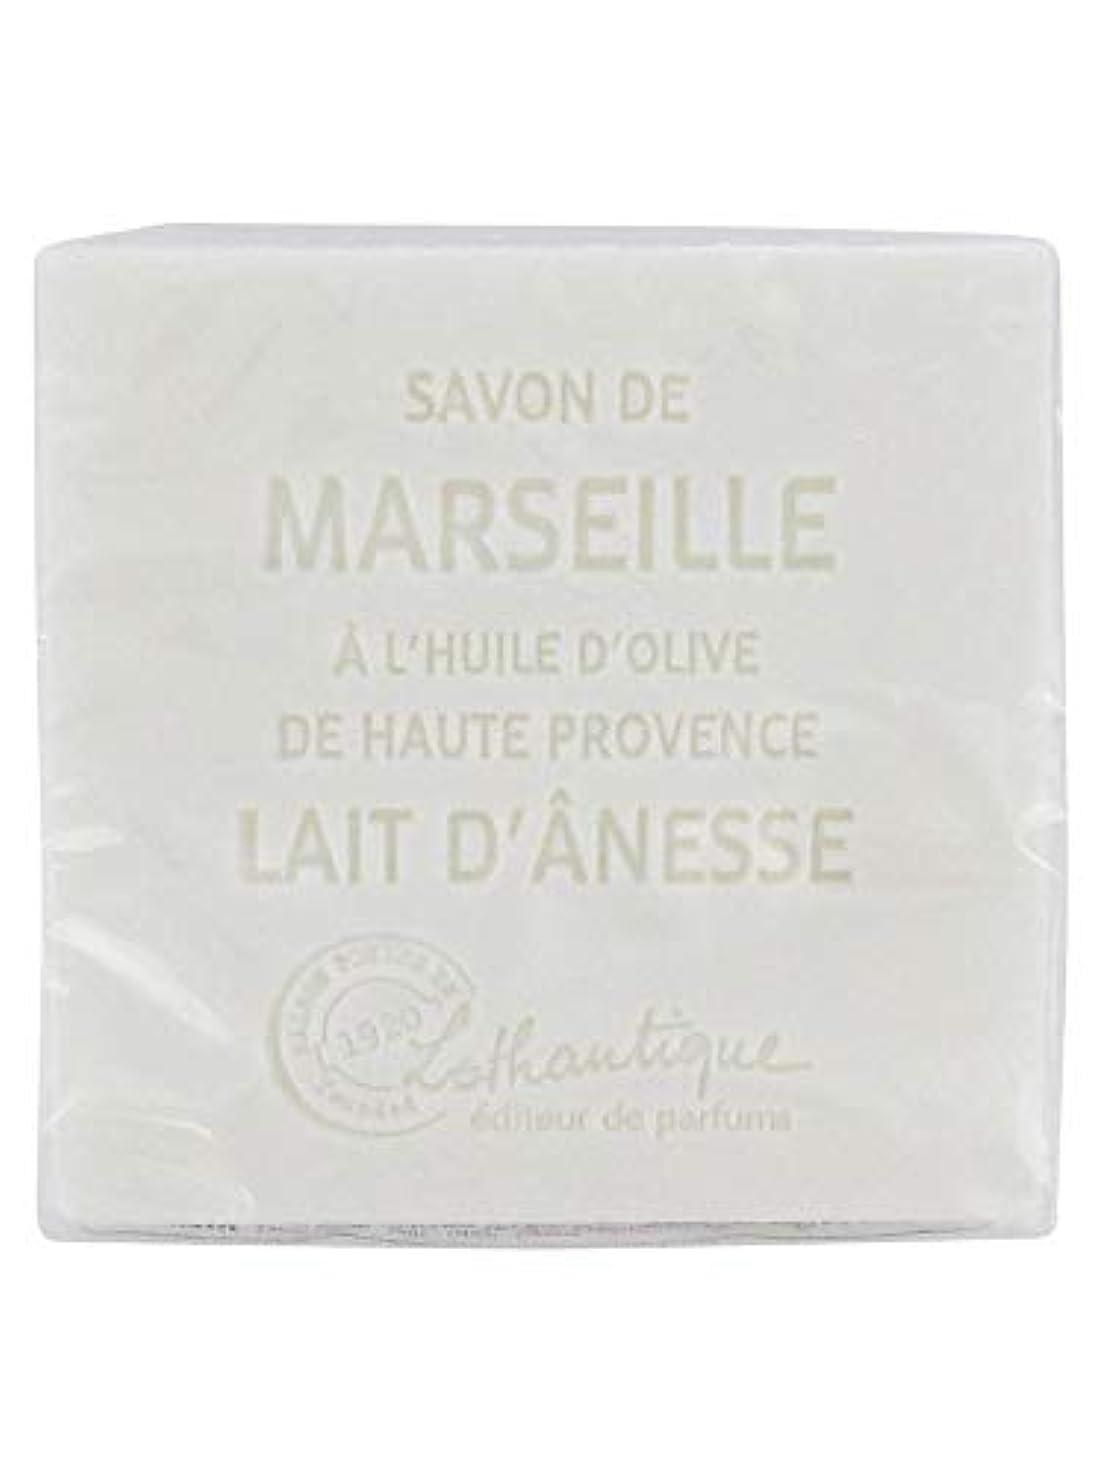 不安定スクリュー追放Lothantique(ロタンティック) Les savons de Marseille(マルセイユソープ) マルセイユソープ 100g 「ミルク(ロバミルク)」 3420070038043